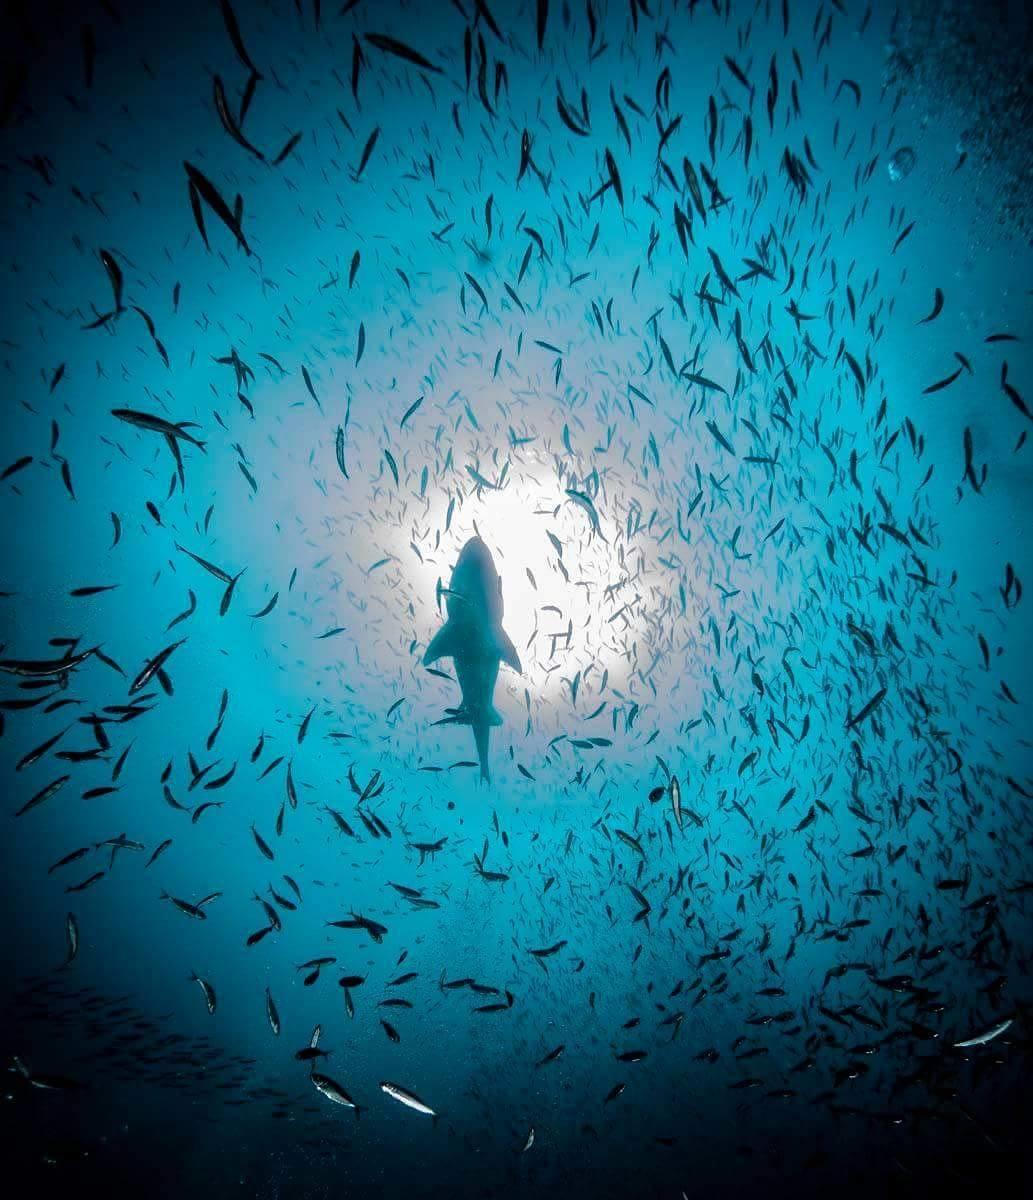 Submarina cenital de cardumen de peces. En medio se ve un tiburón (Selachimorpha).